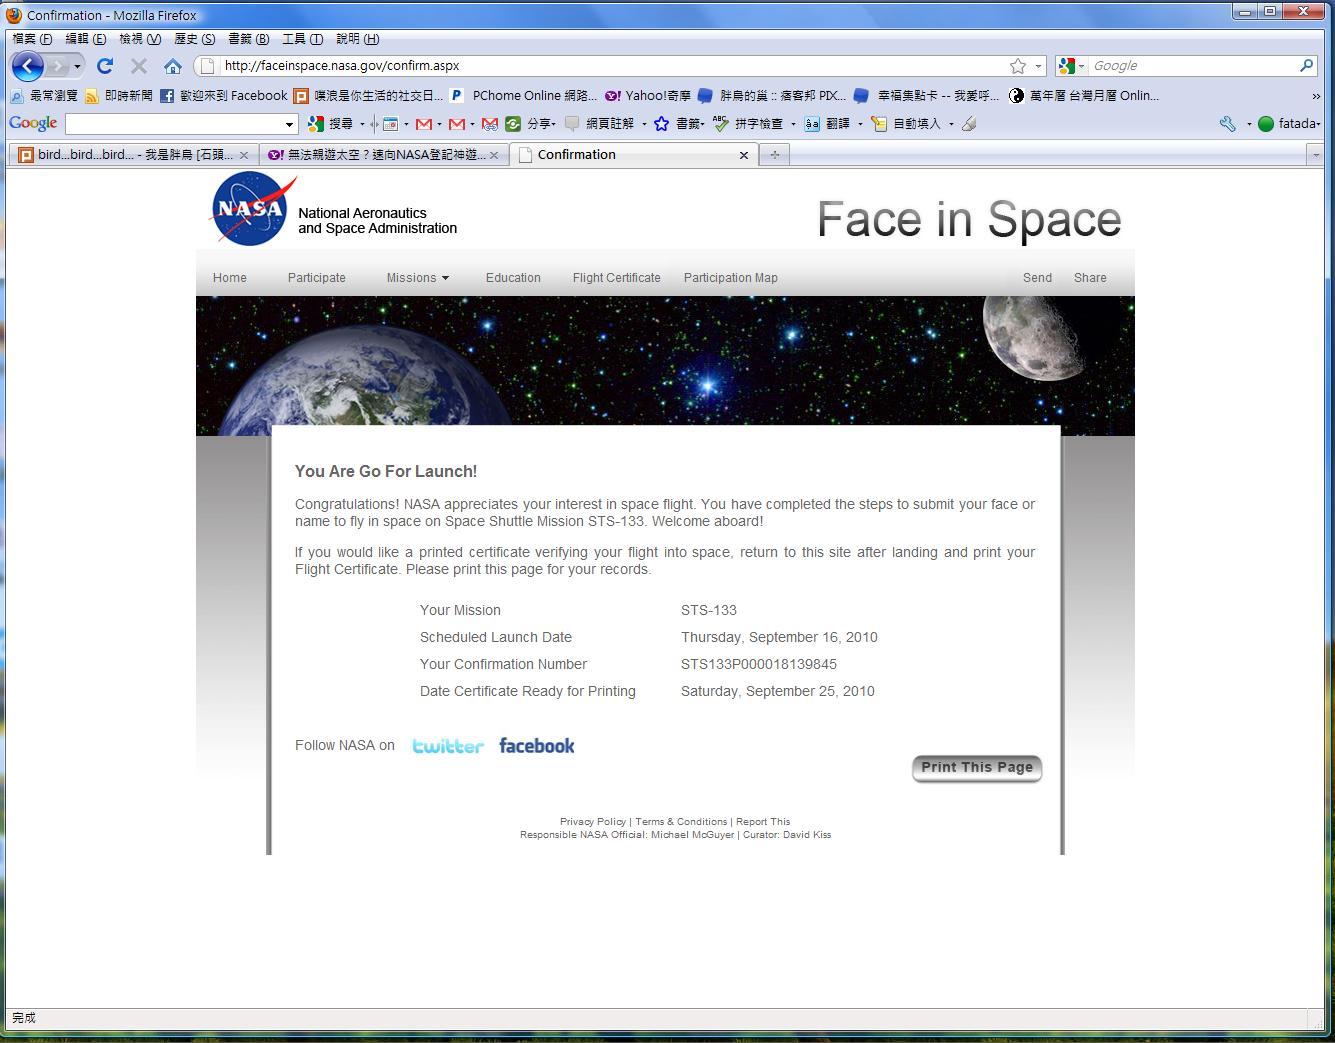 Faceinspace.jpg